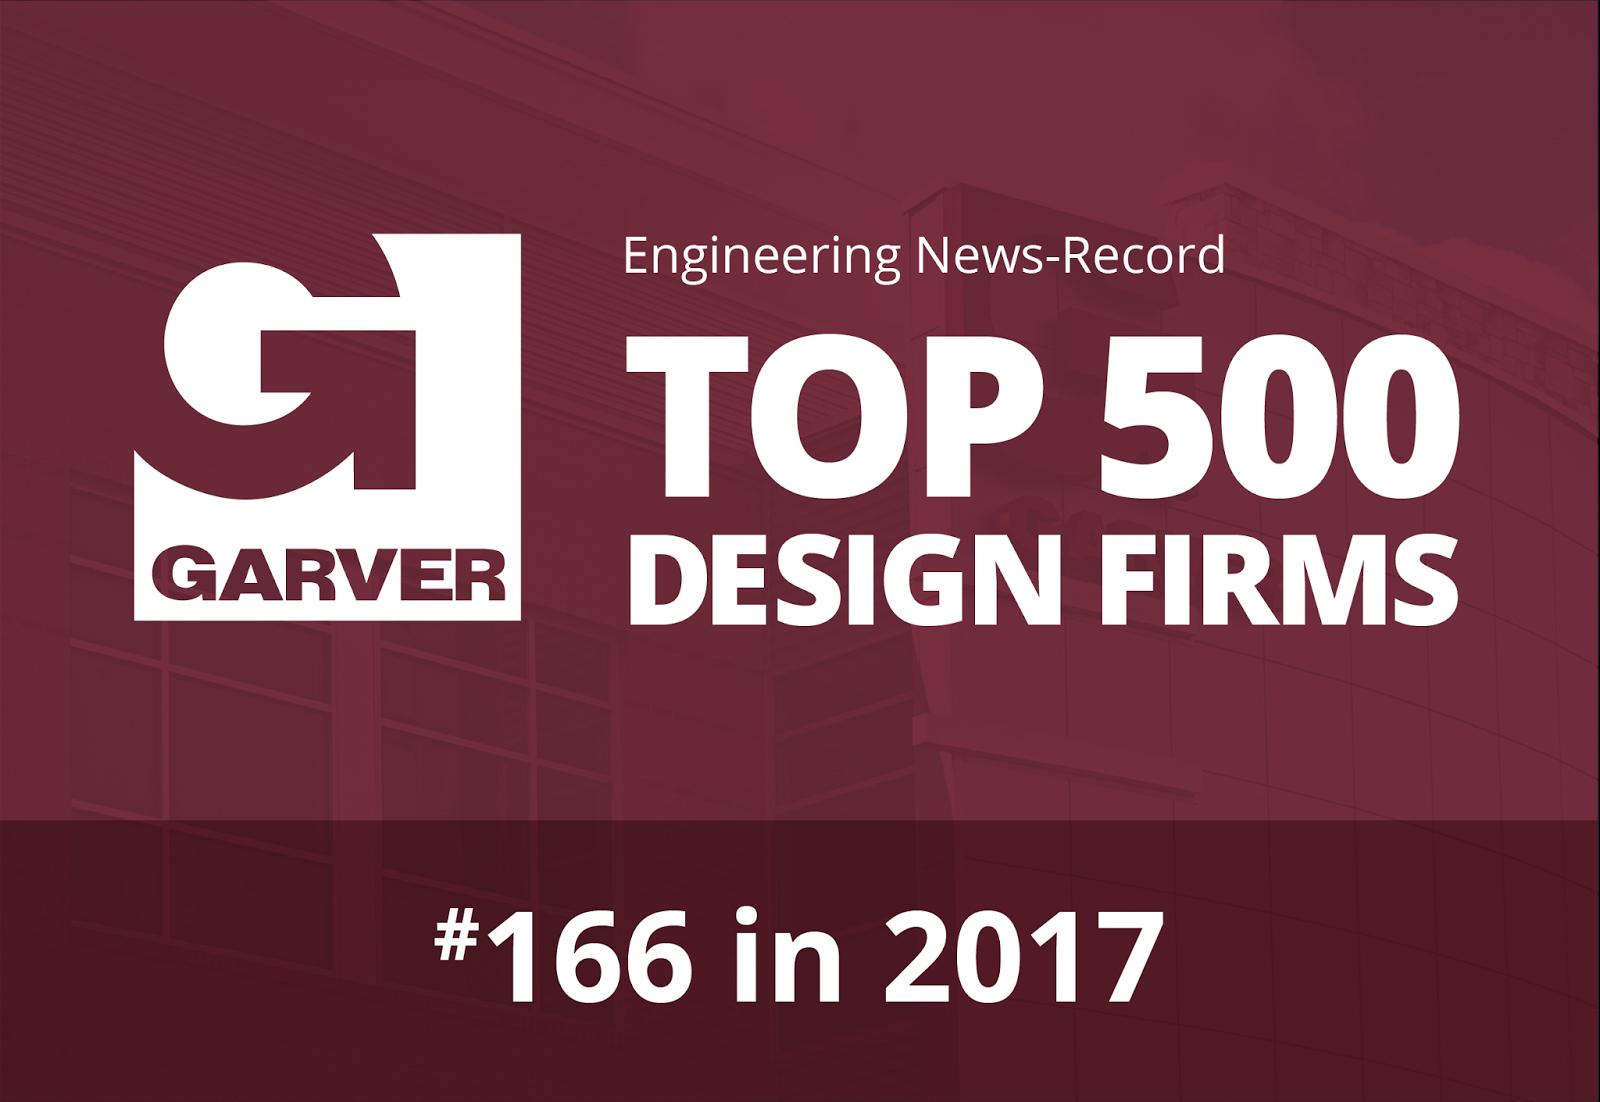 Garver now No. 166 on ENR Top 500